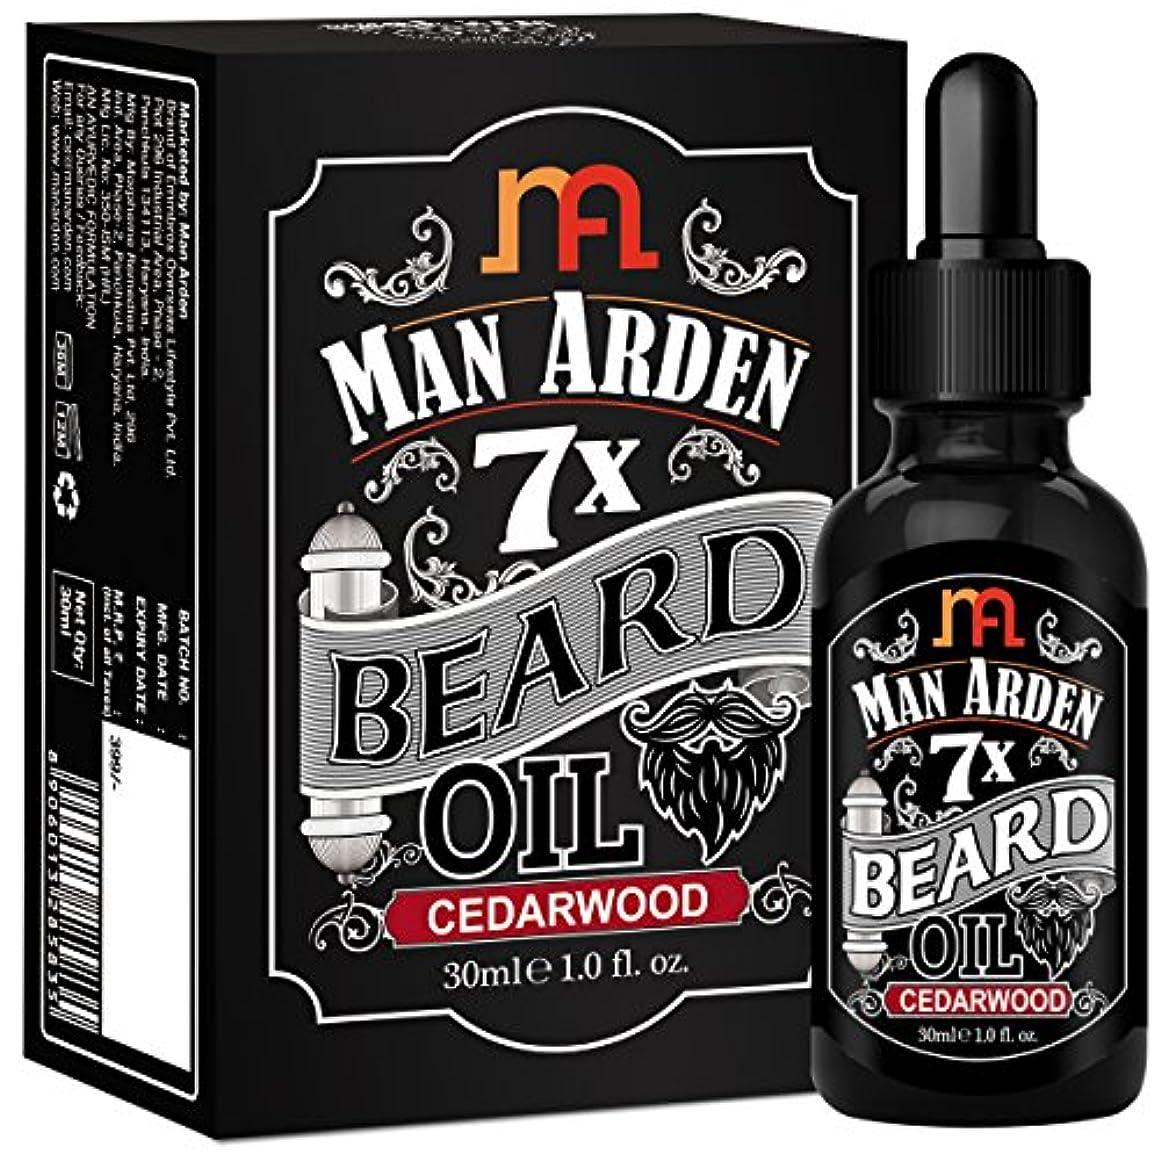 内向き組み込む無実Man Arden 7X Beard Oil 30ml (Cedarwood) - 7 Premium Oils Blend For Beard Growth & Nourishment